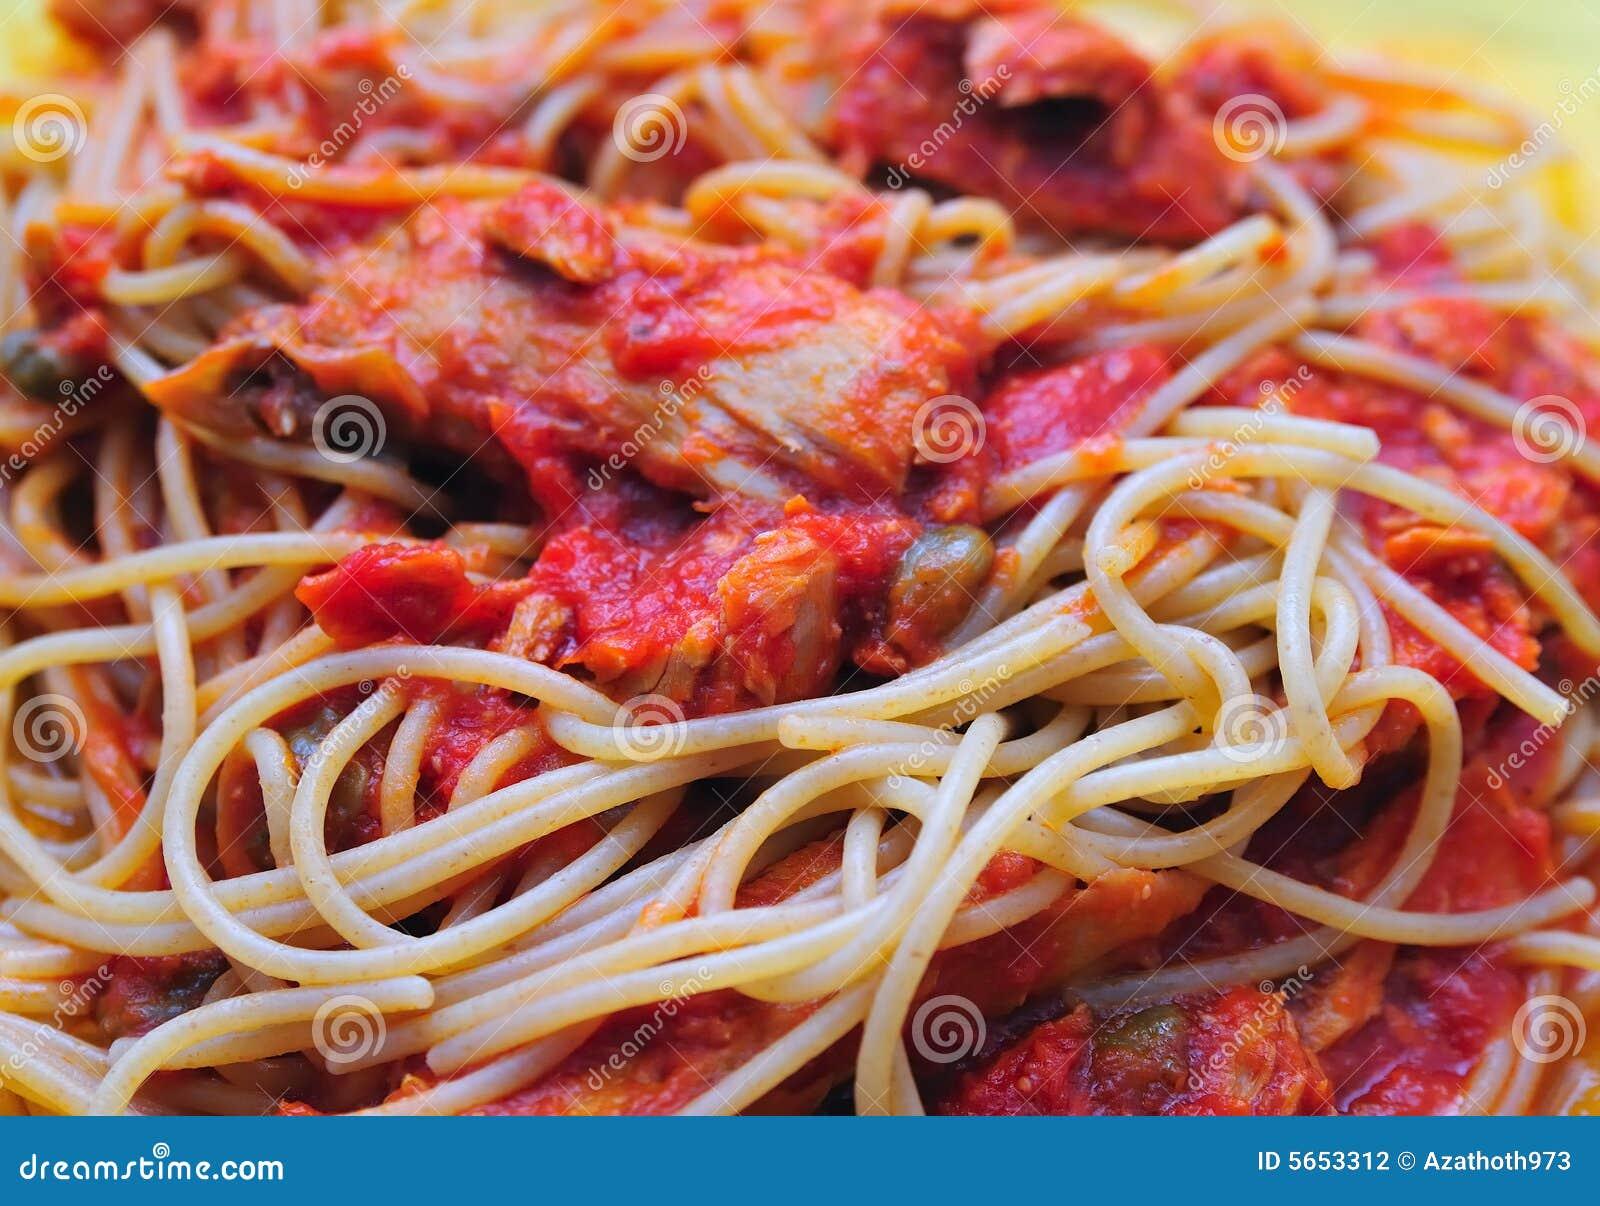 Bran spaghetti pasta with tuna fish fillets sauce and tomato.